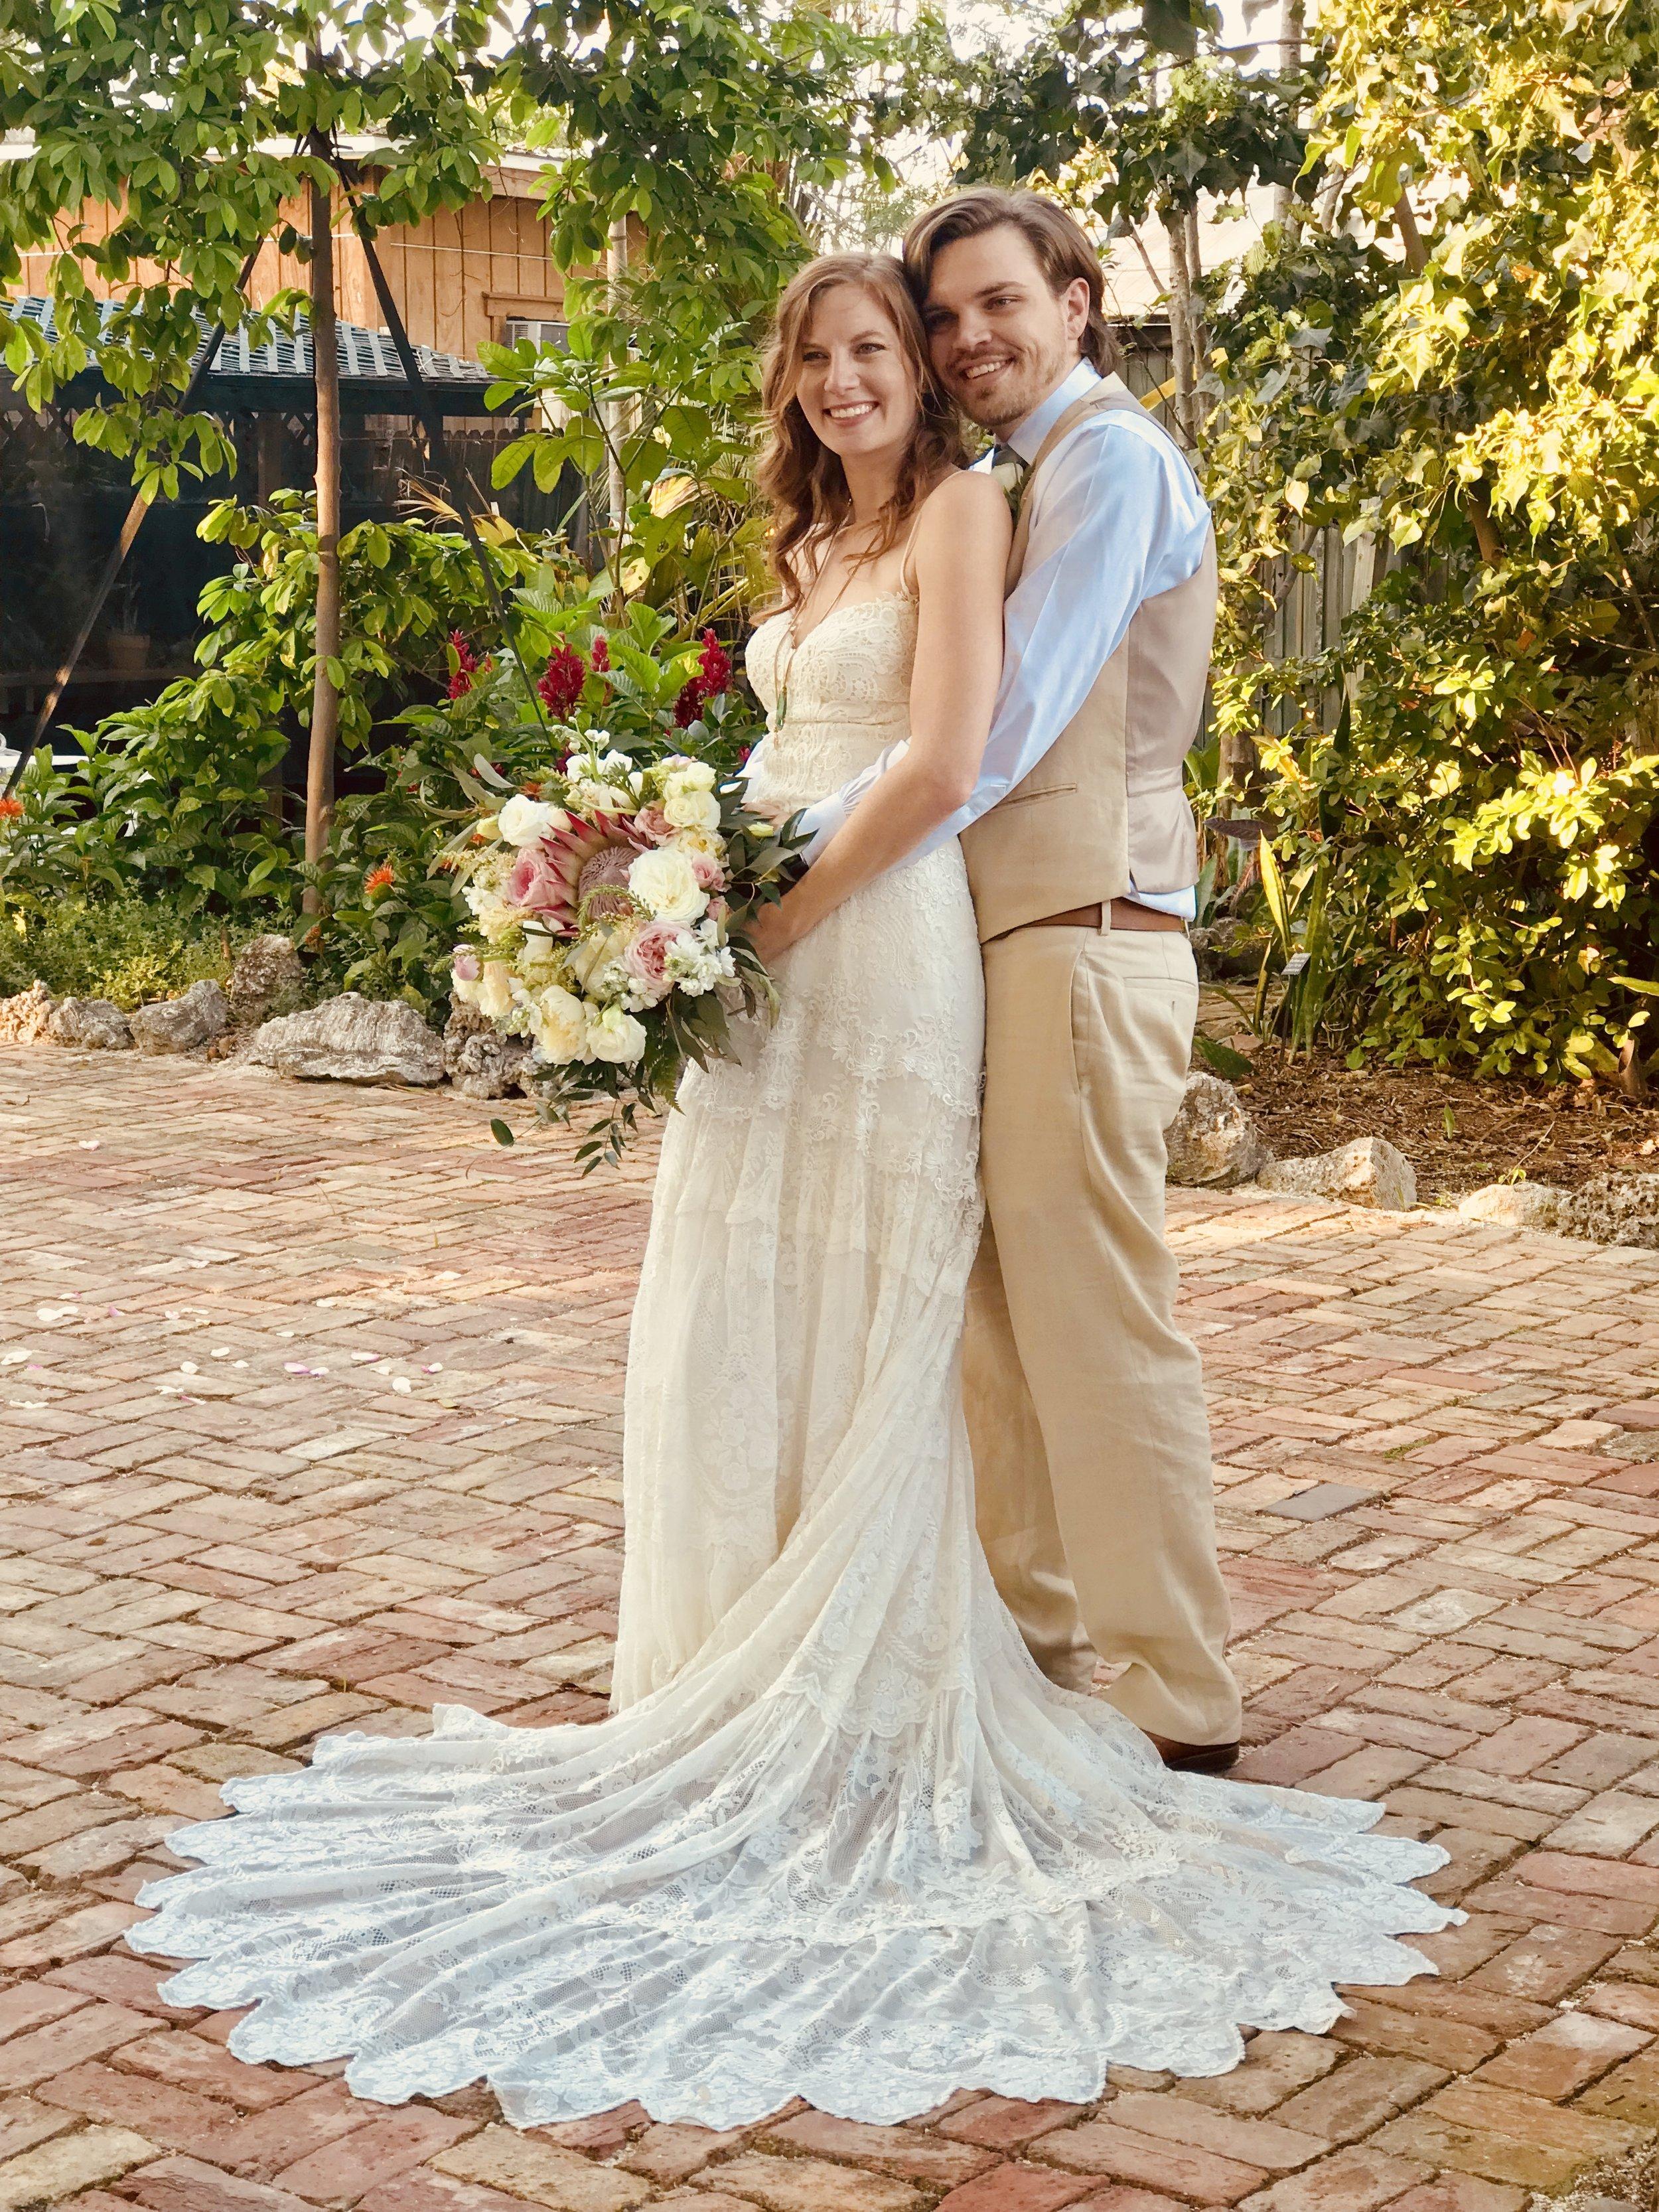 Key West Bride and Groom